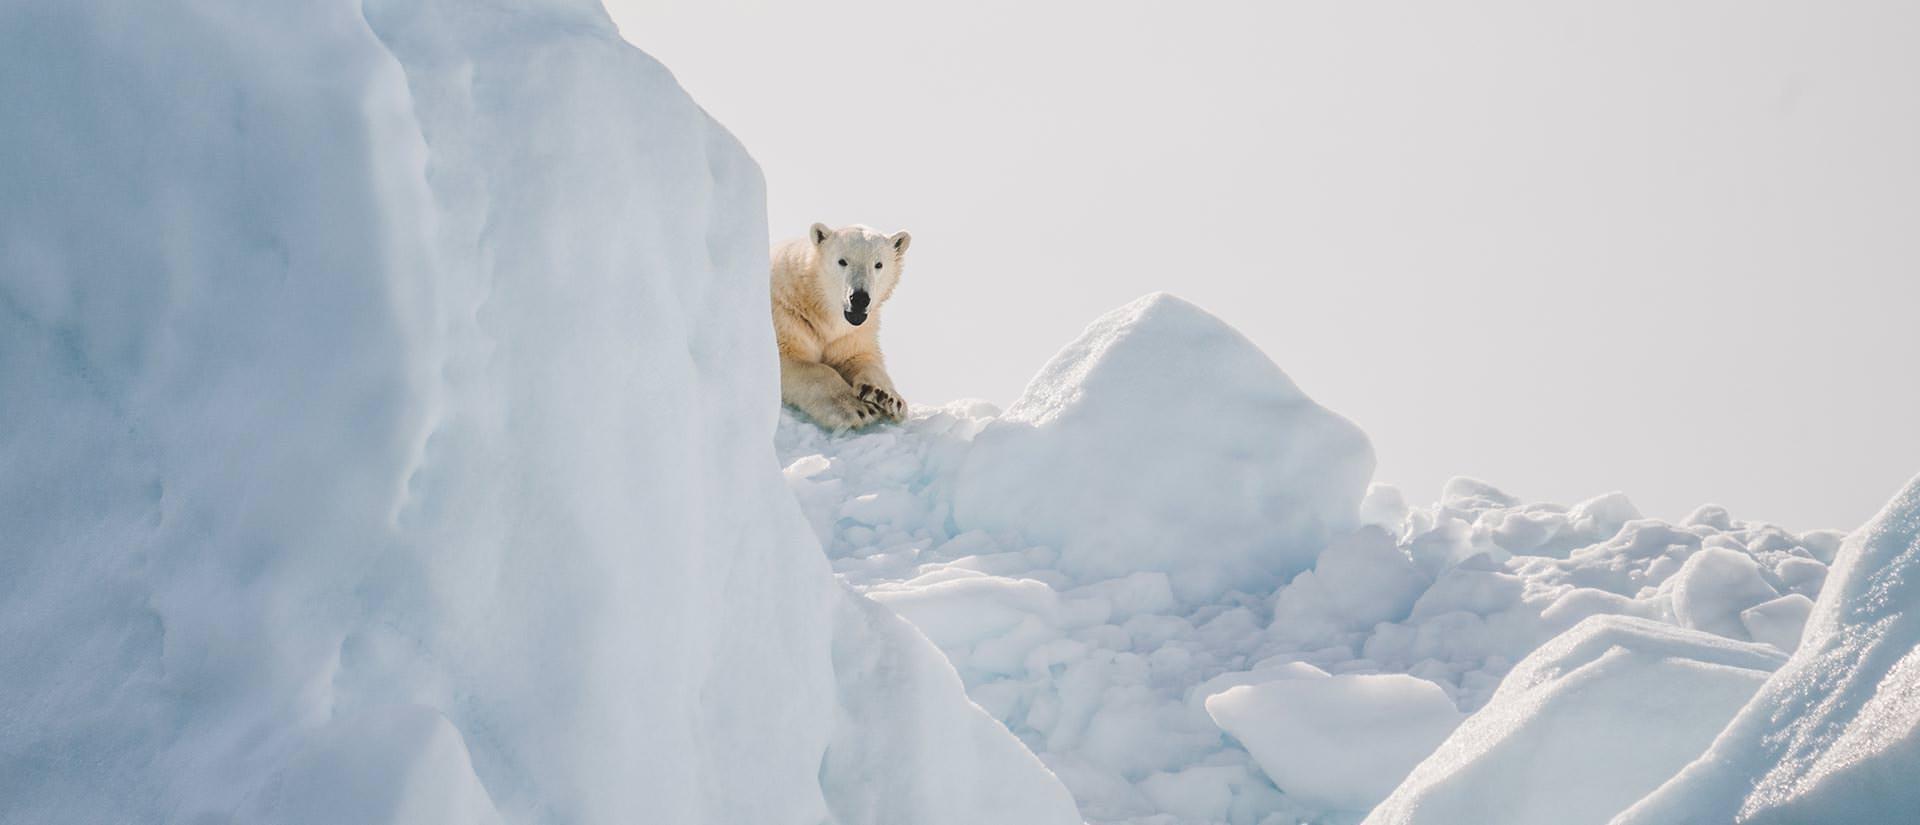 דובי קוטב - טיול לשפיצברגן